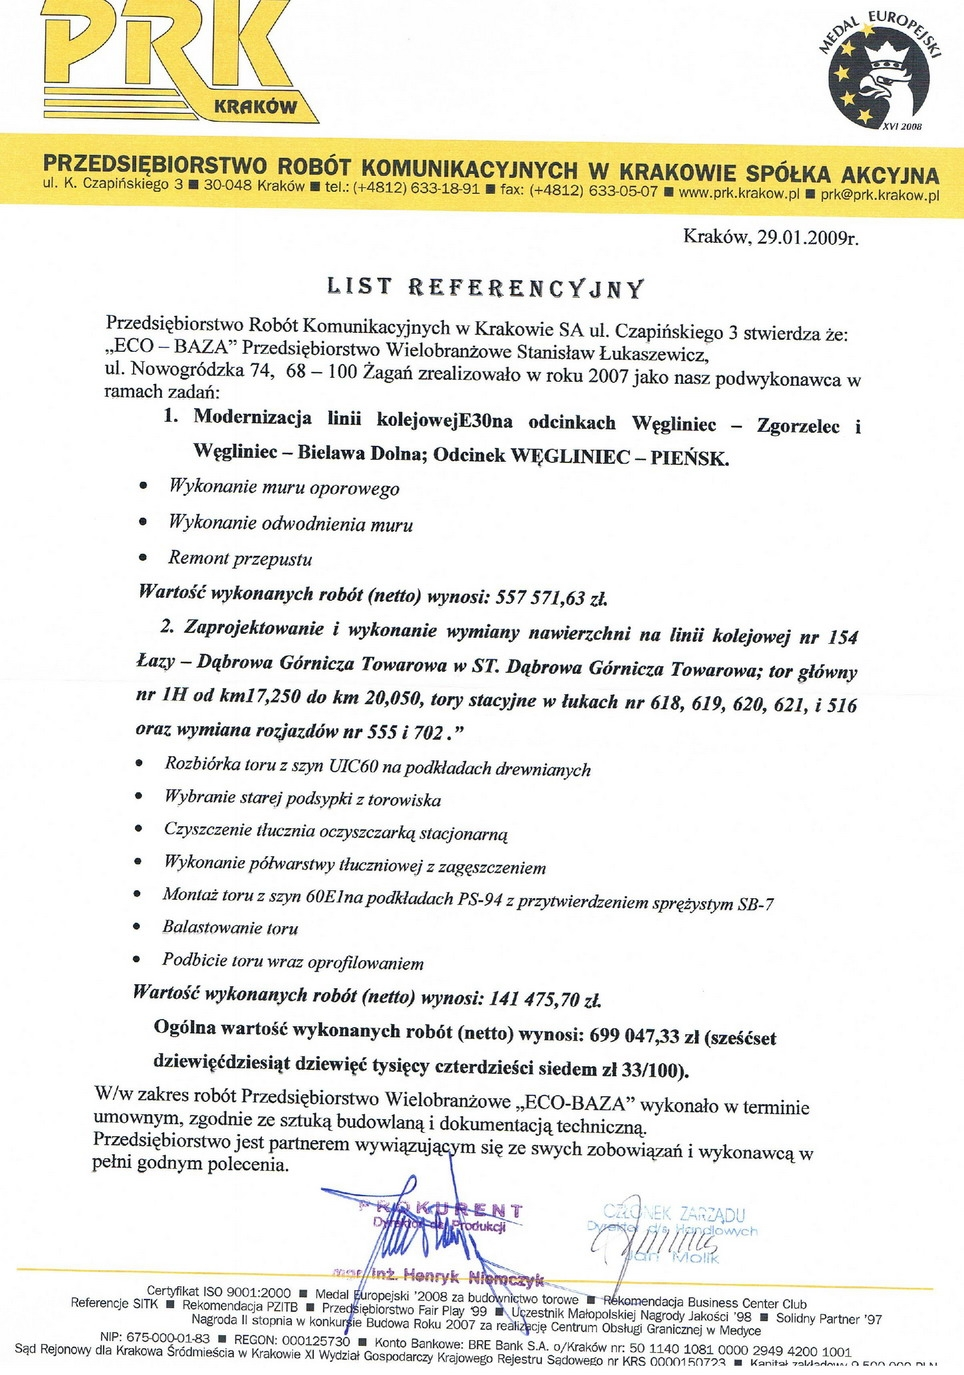 referencje_ecobaza_031